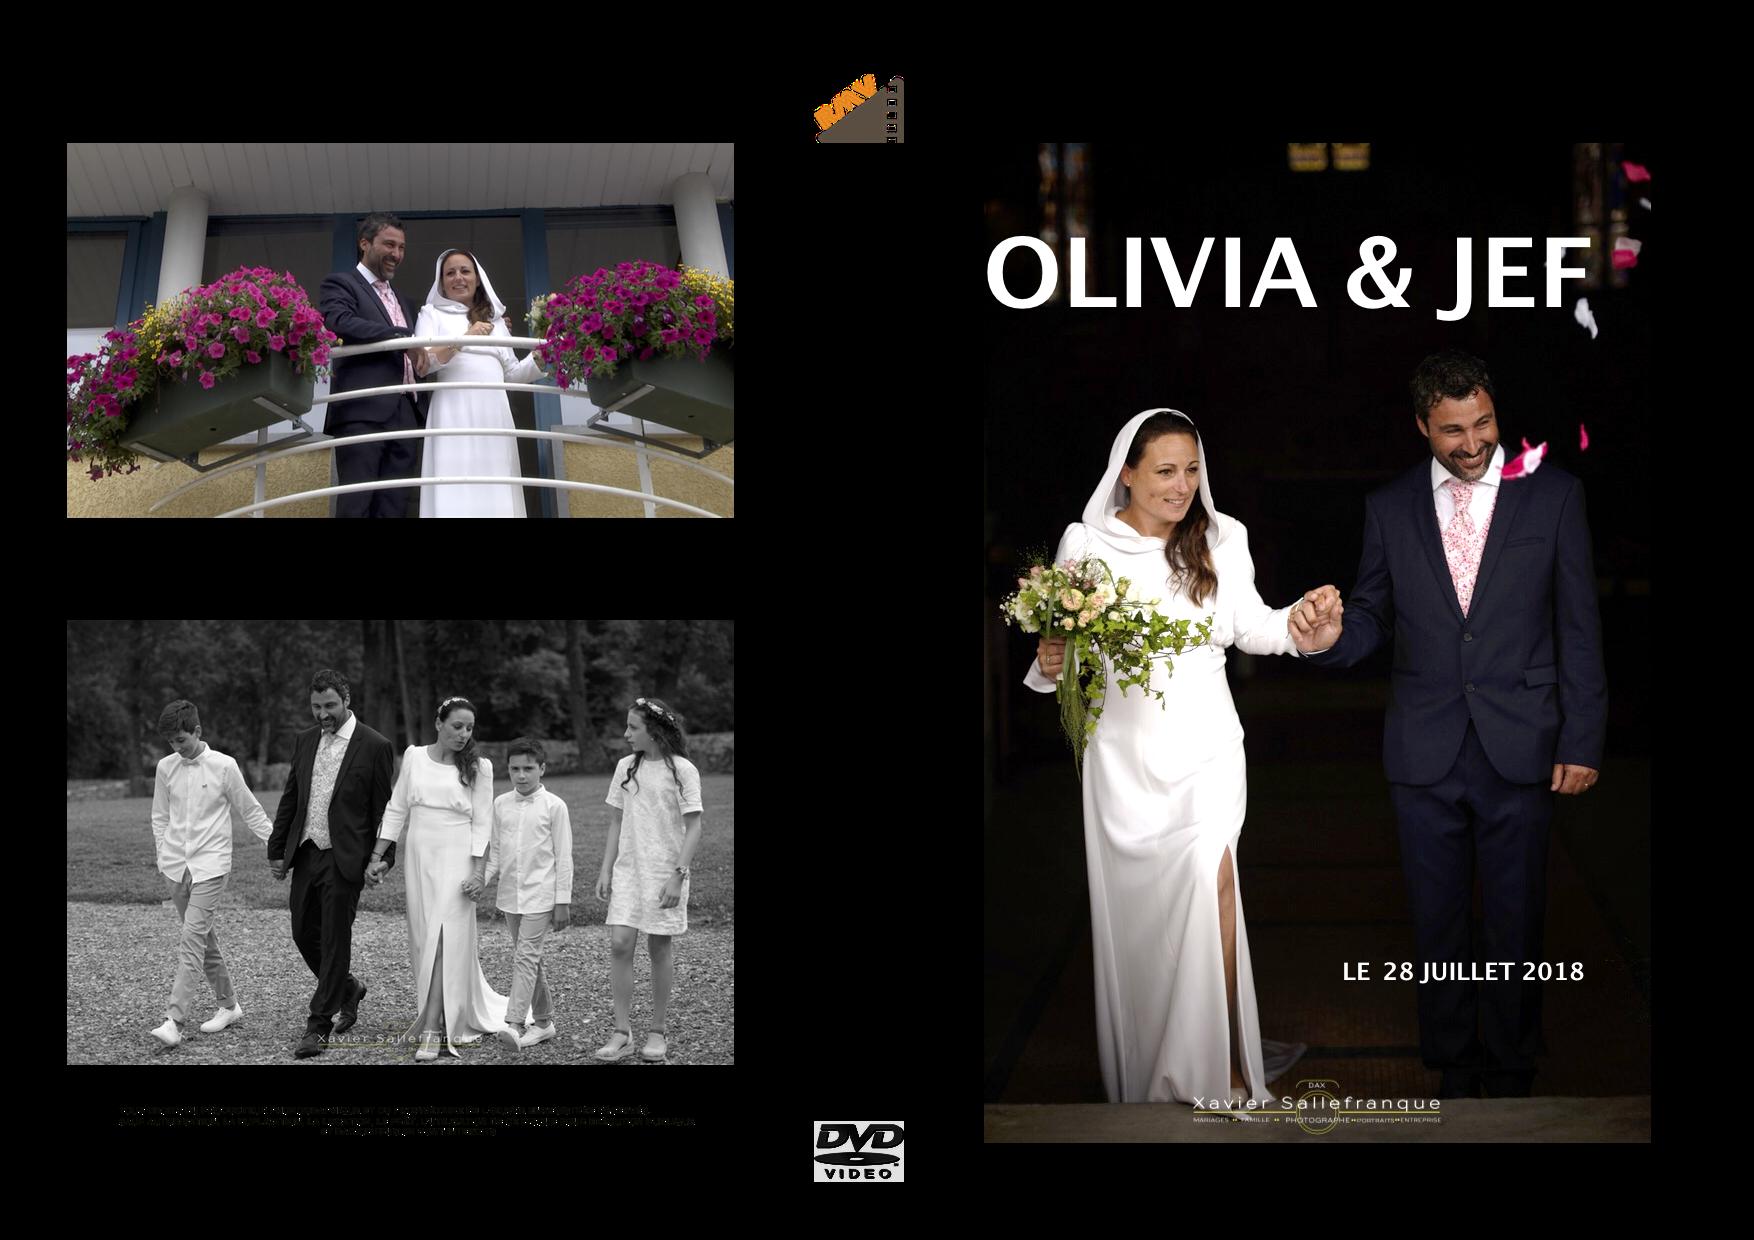 Olivia et jef